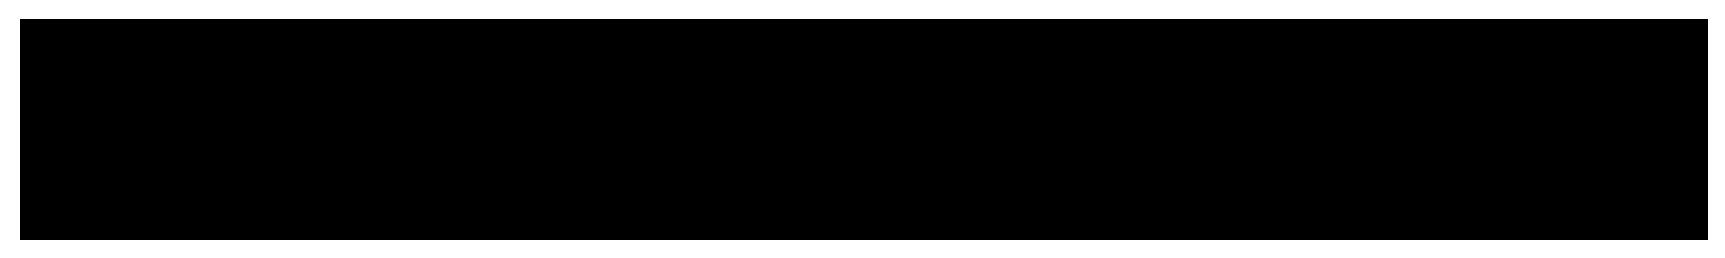 Pillinger Works Logo